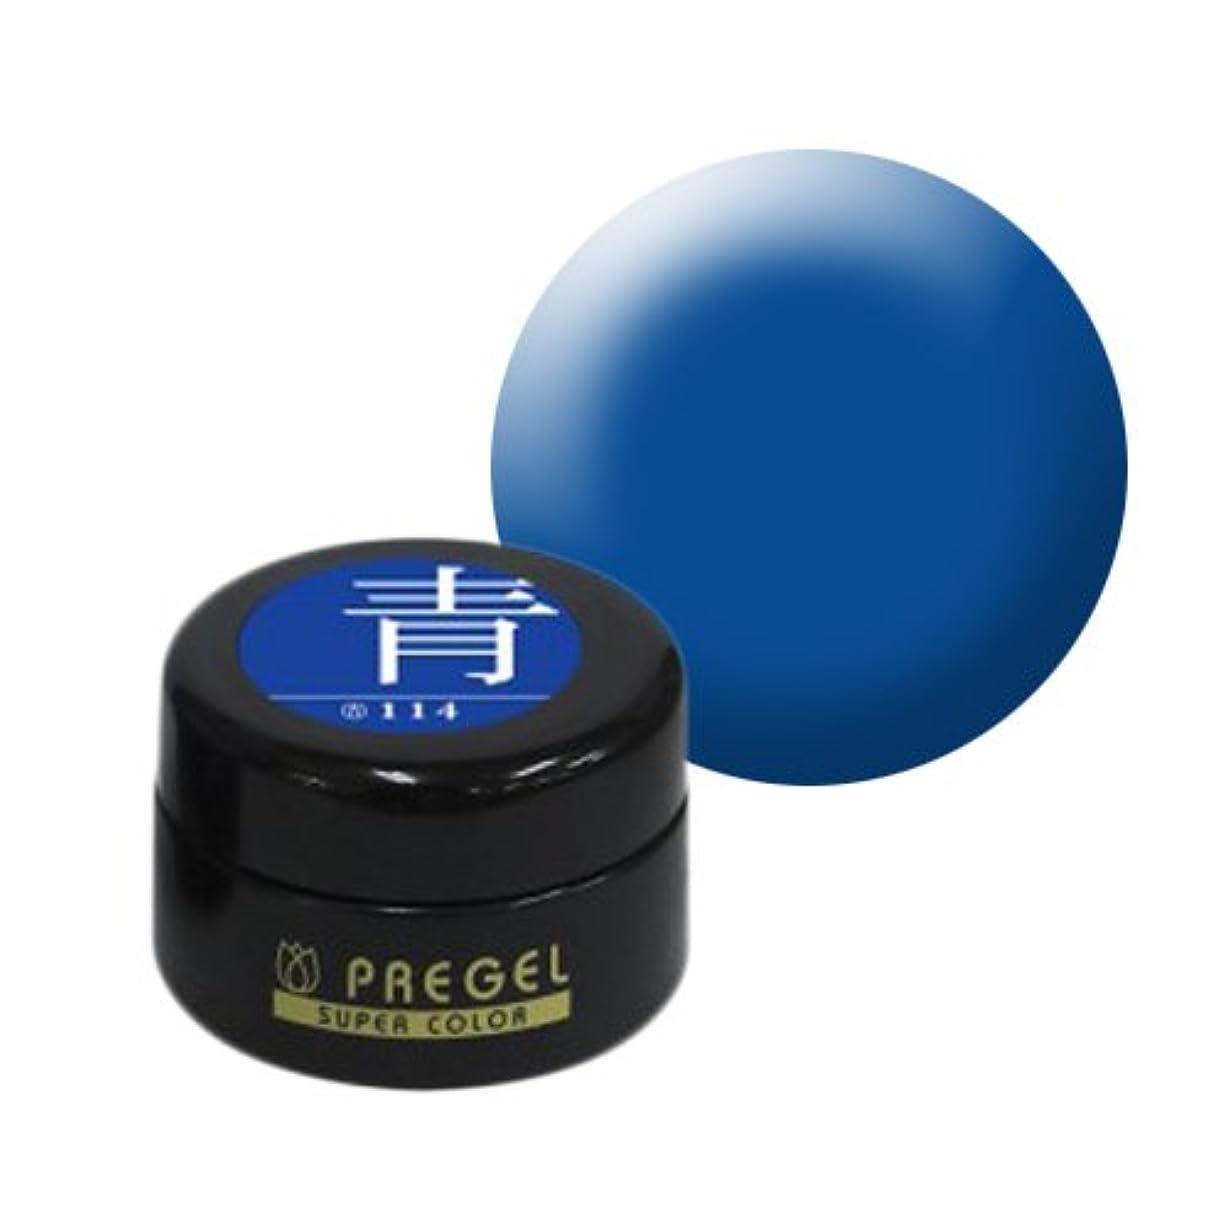 コンクリート退屈ヘルメット【PREGEL】カラーEx 青 / PG-CE114 【UV&LED】プリジェル カラージェル ジェルネイル用品